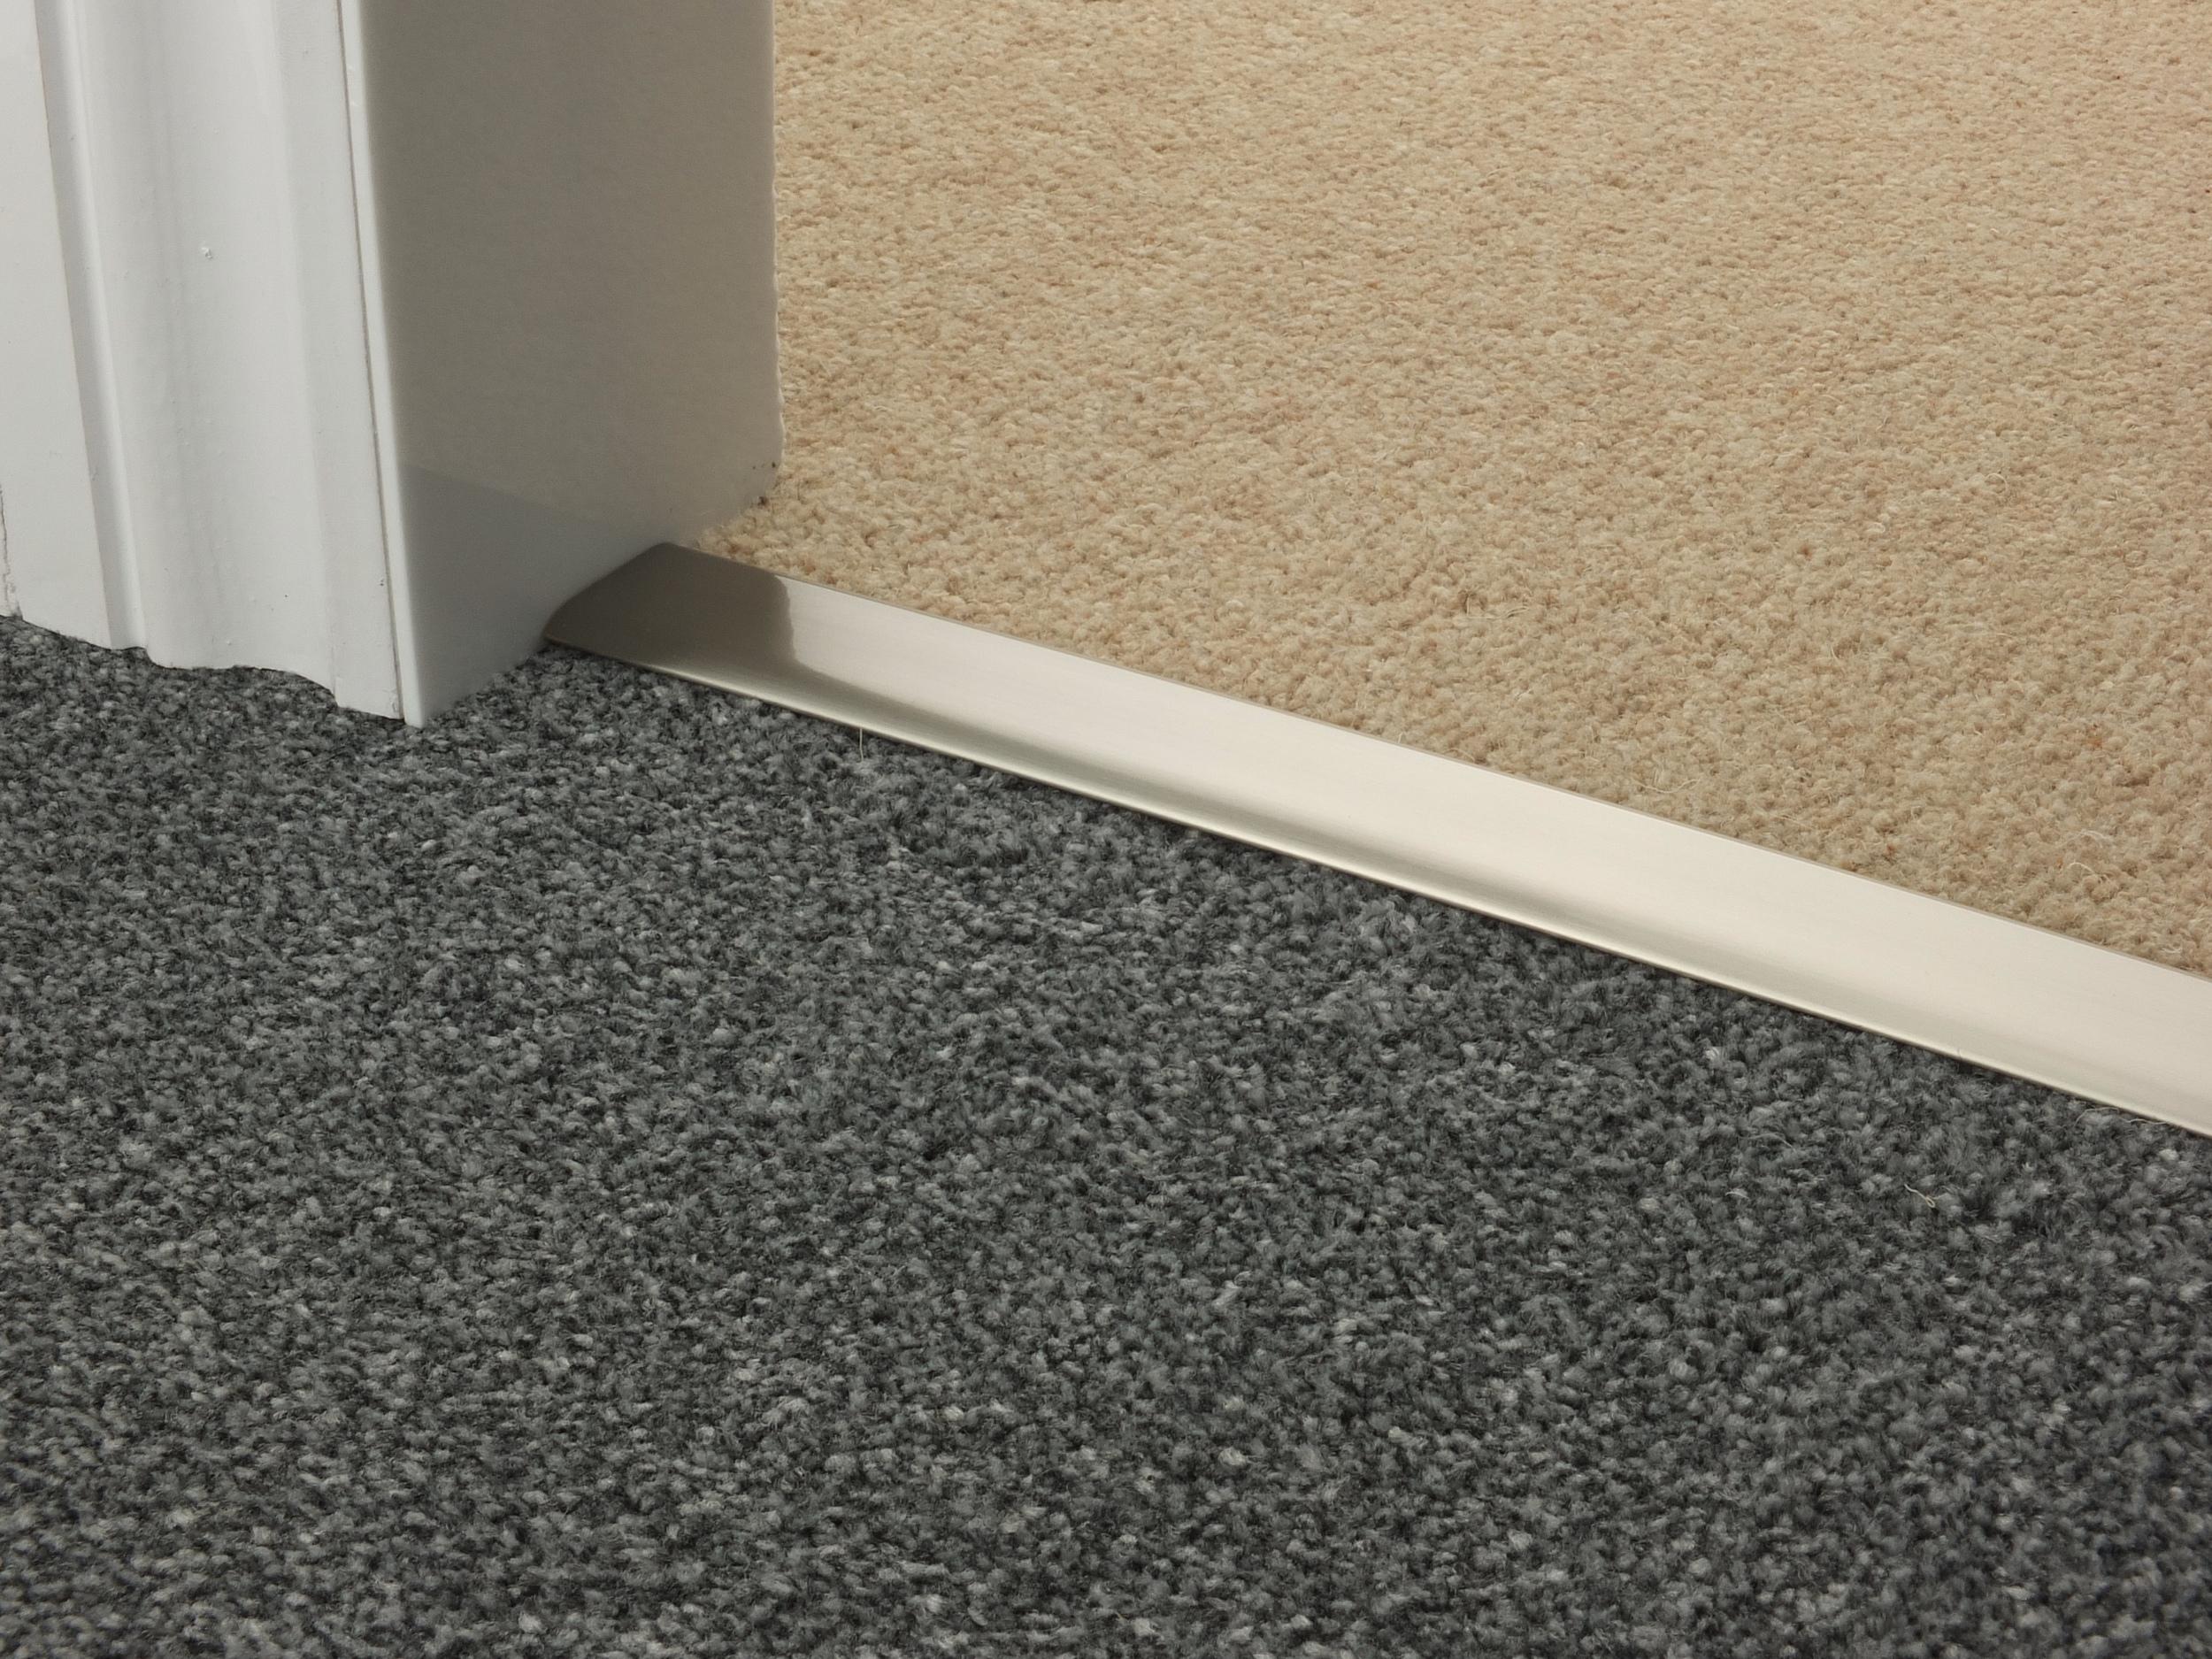 door_bar_satin_nickel_doublez_carpet_carpet.jpg